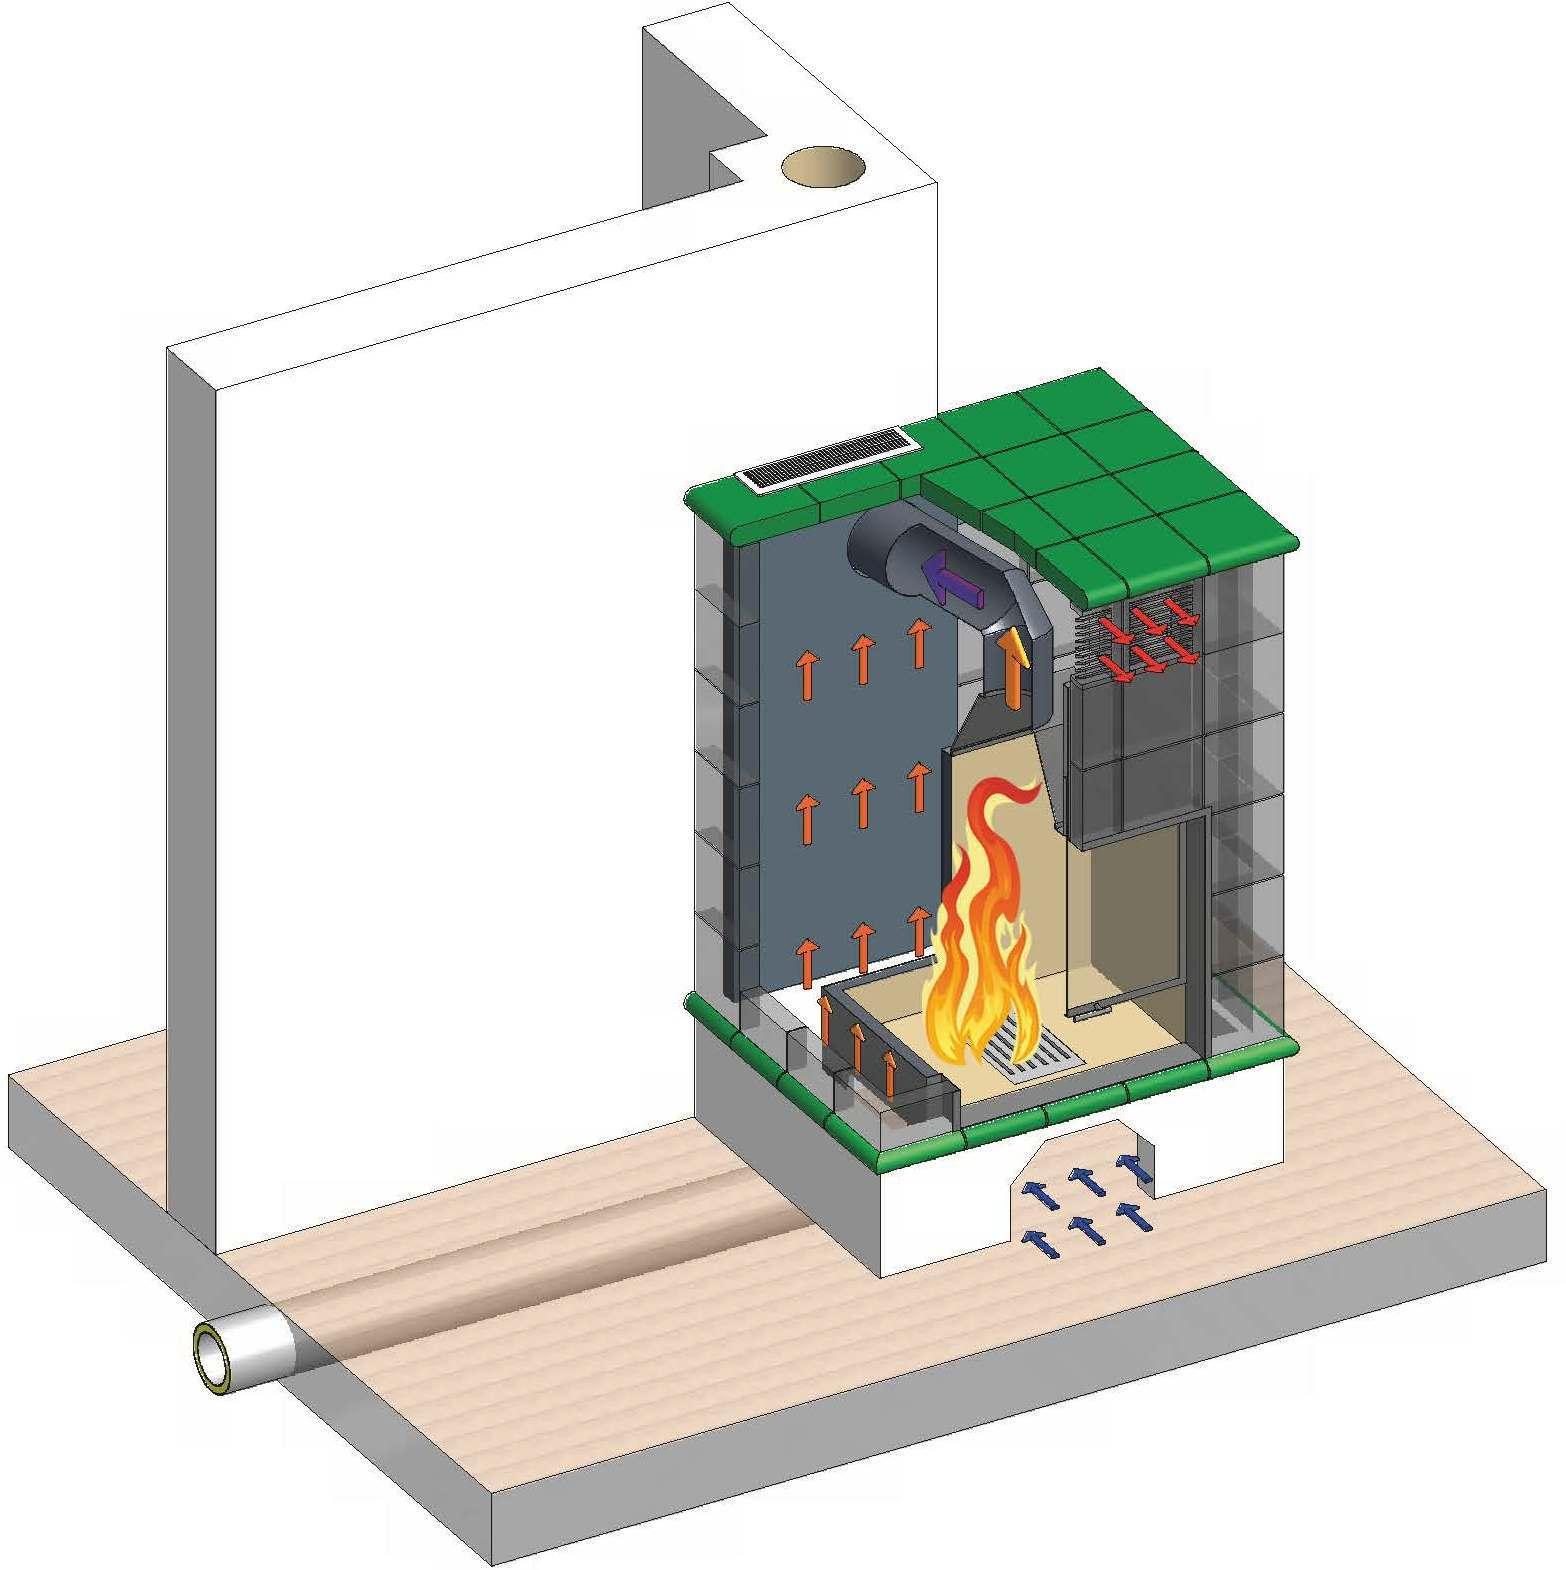 Kachelofen - Heizkamin - Technische Darstellung - Schnittansicht - Funktionsweise